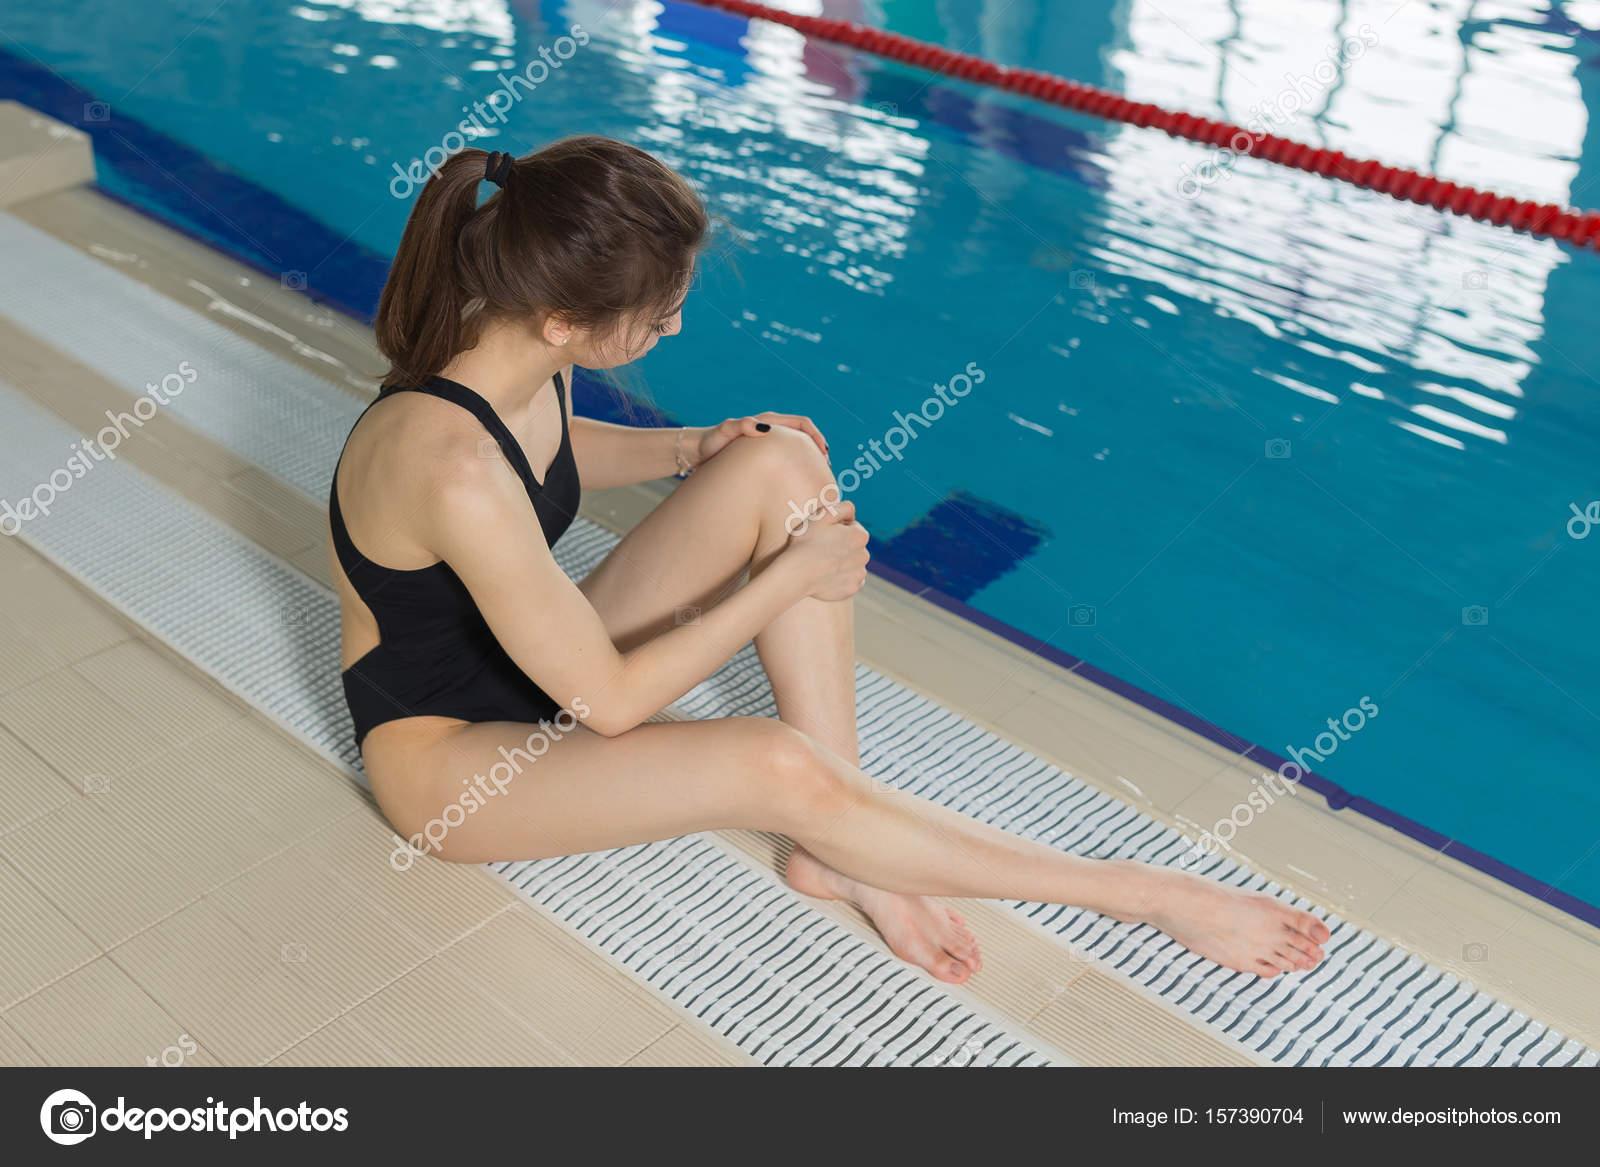 Несчастный сексуальный случай в бассейне